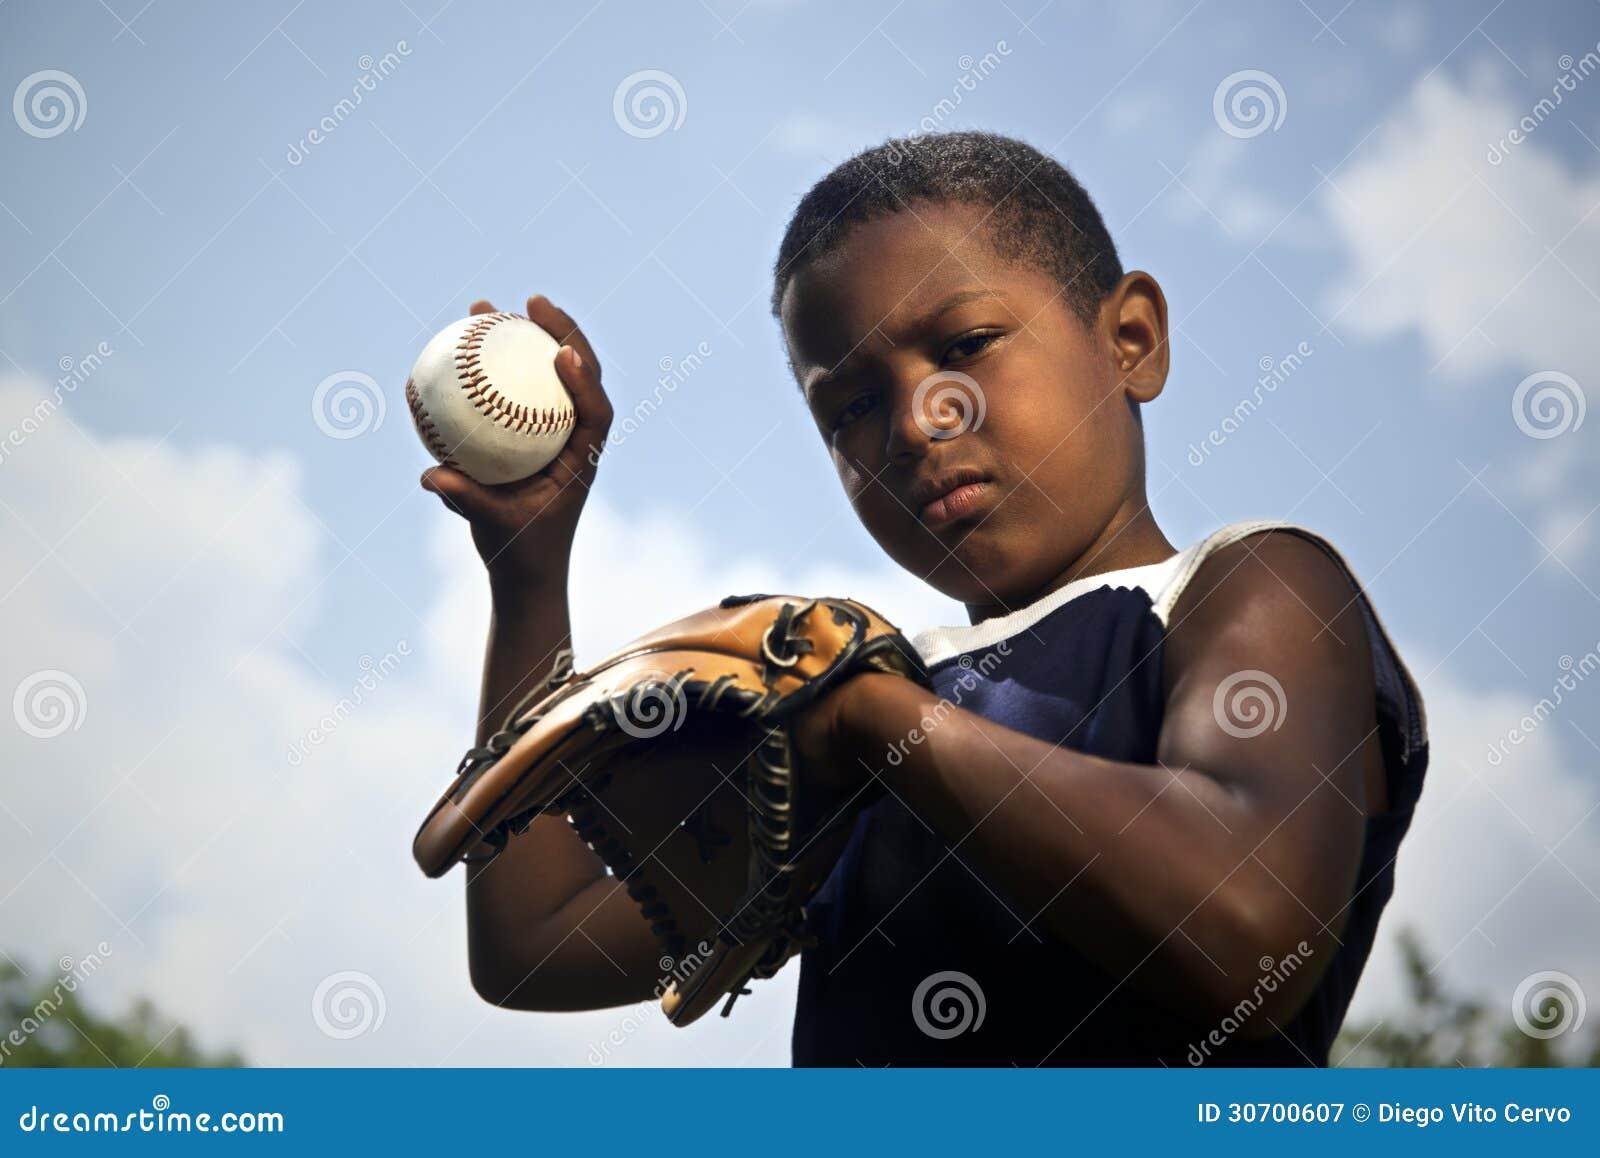 Deporte, béisbol y niños, retrato de la bola que lanza del niño